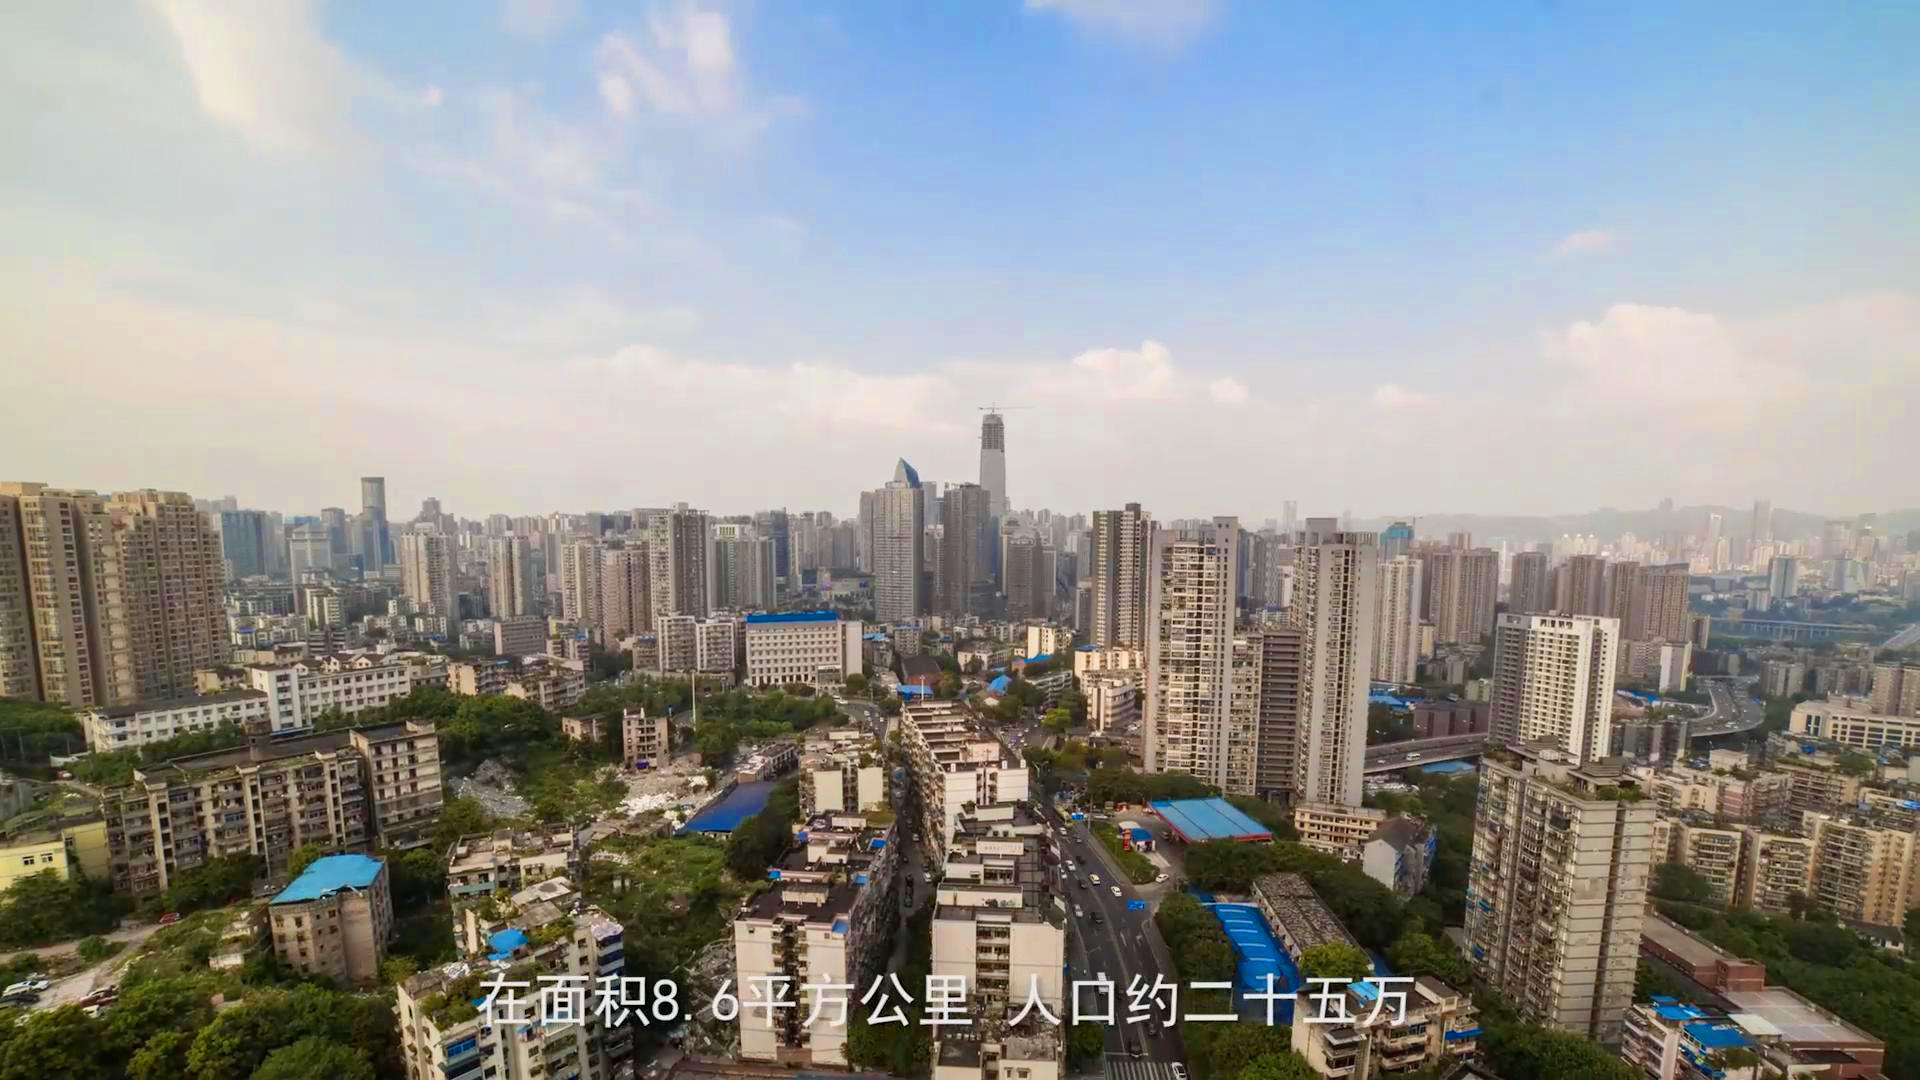 重庆观音桥社区 宣传片